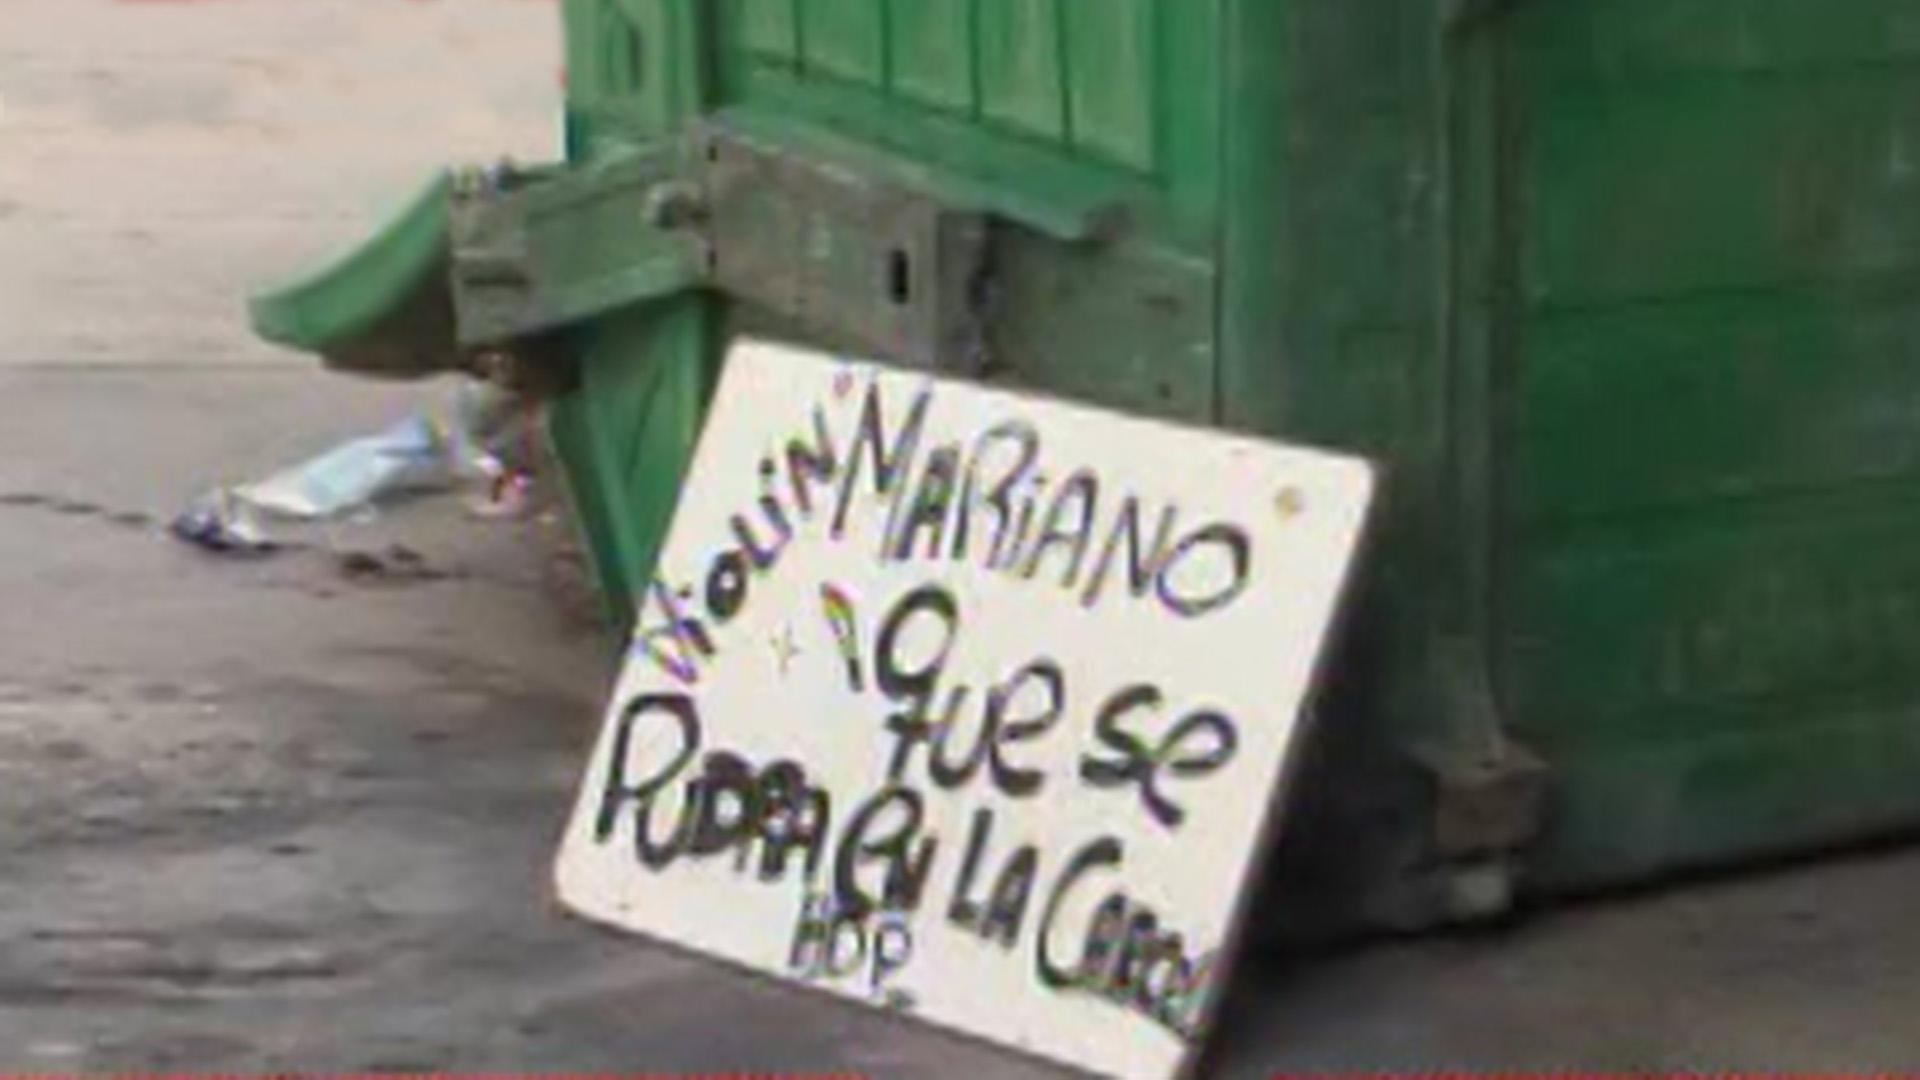 """""""Violín Mariano que se pudra en la cárcel"""", decía uno de los carteles que exhibían los manifestantes"""